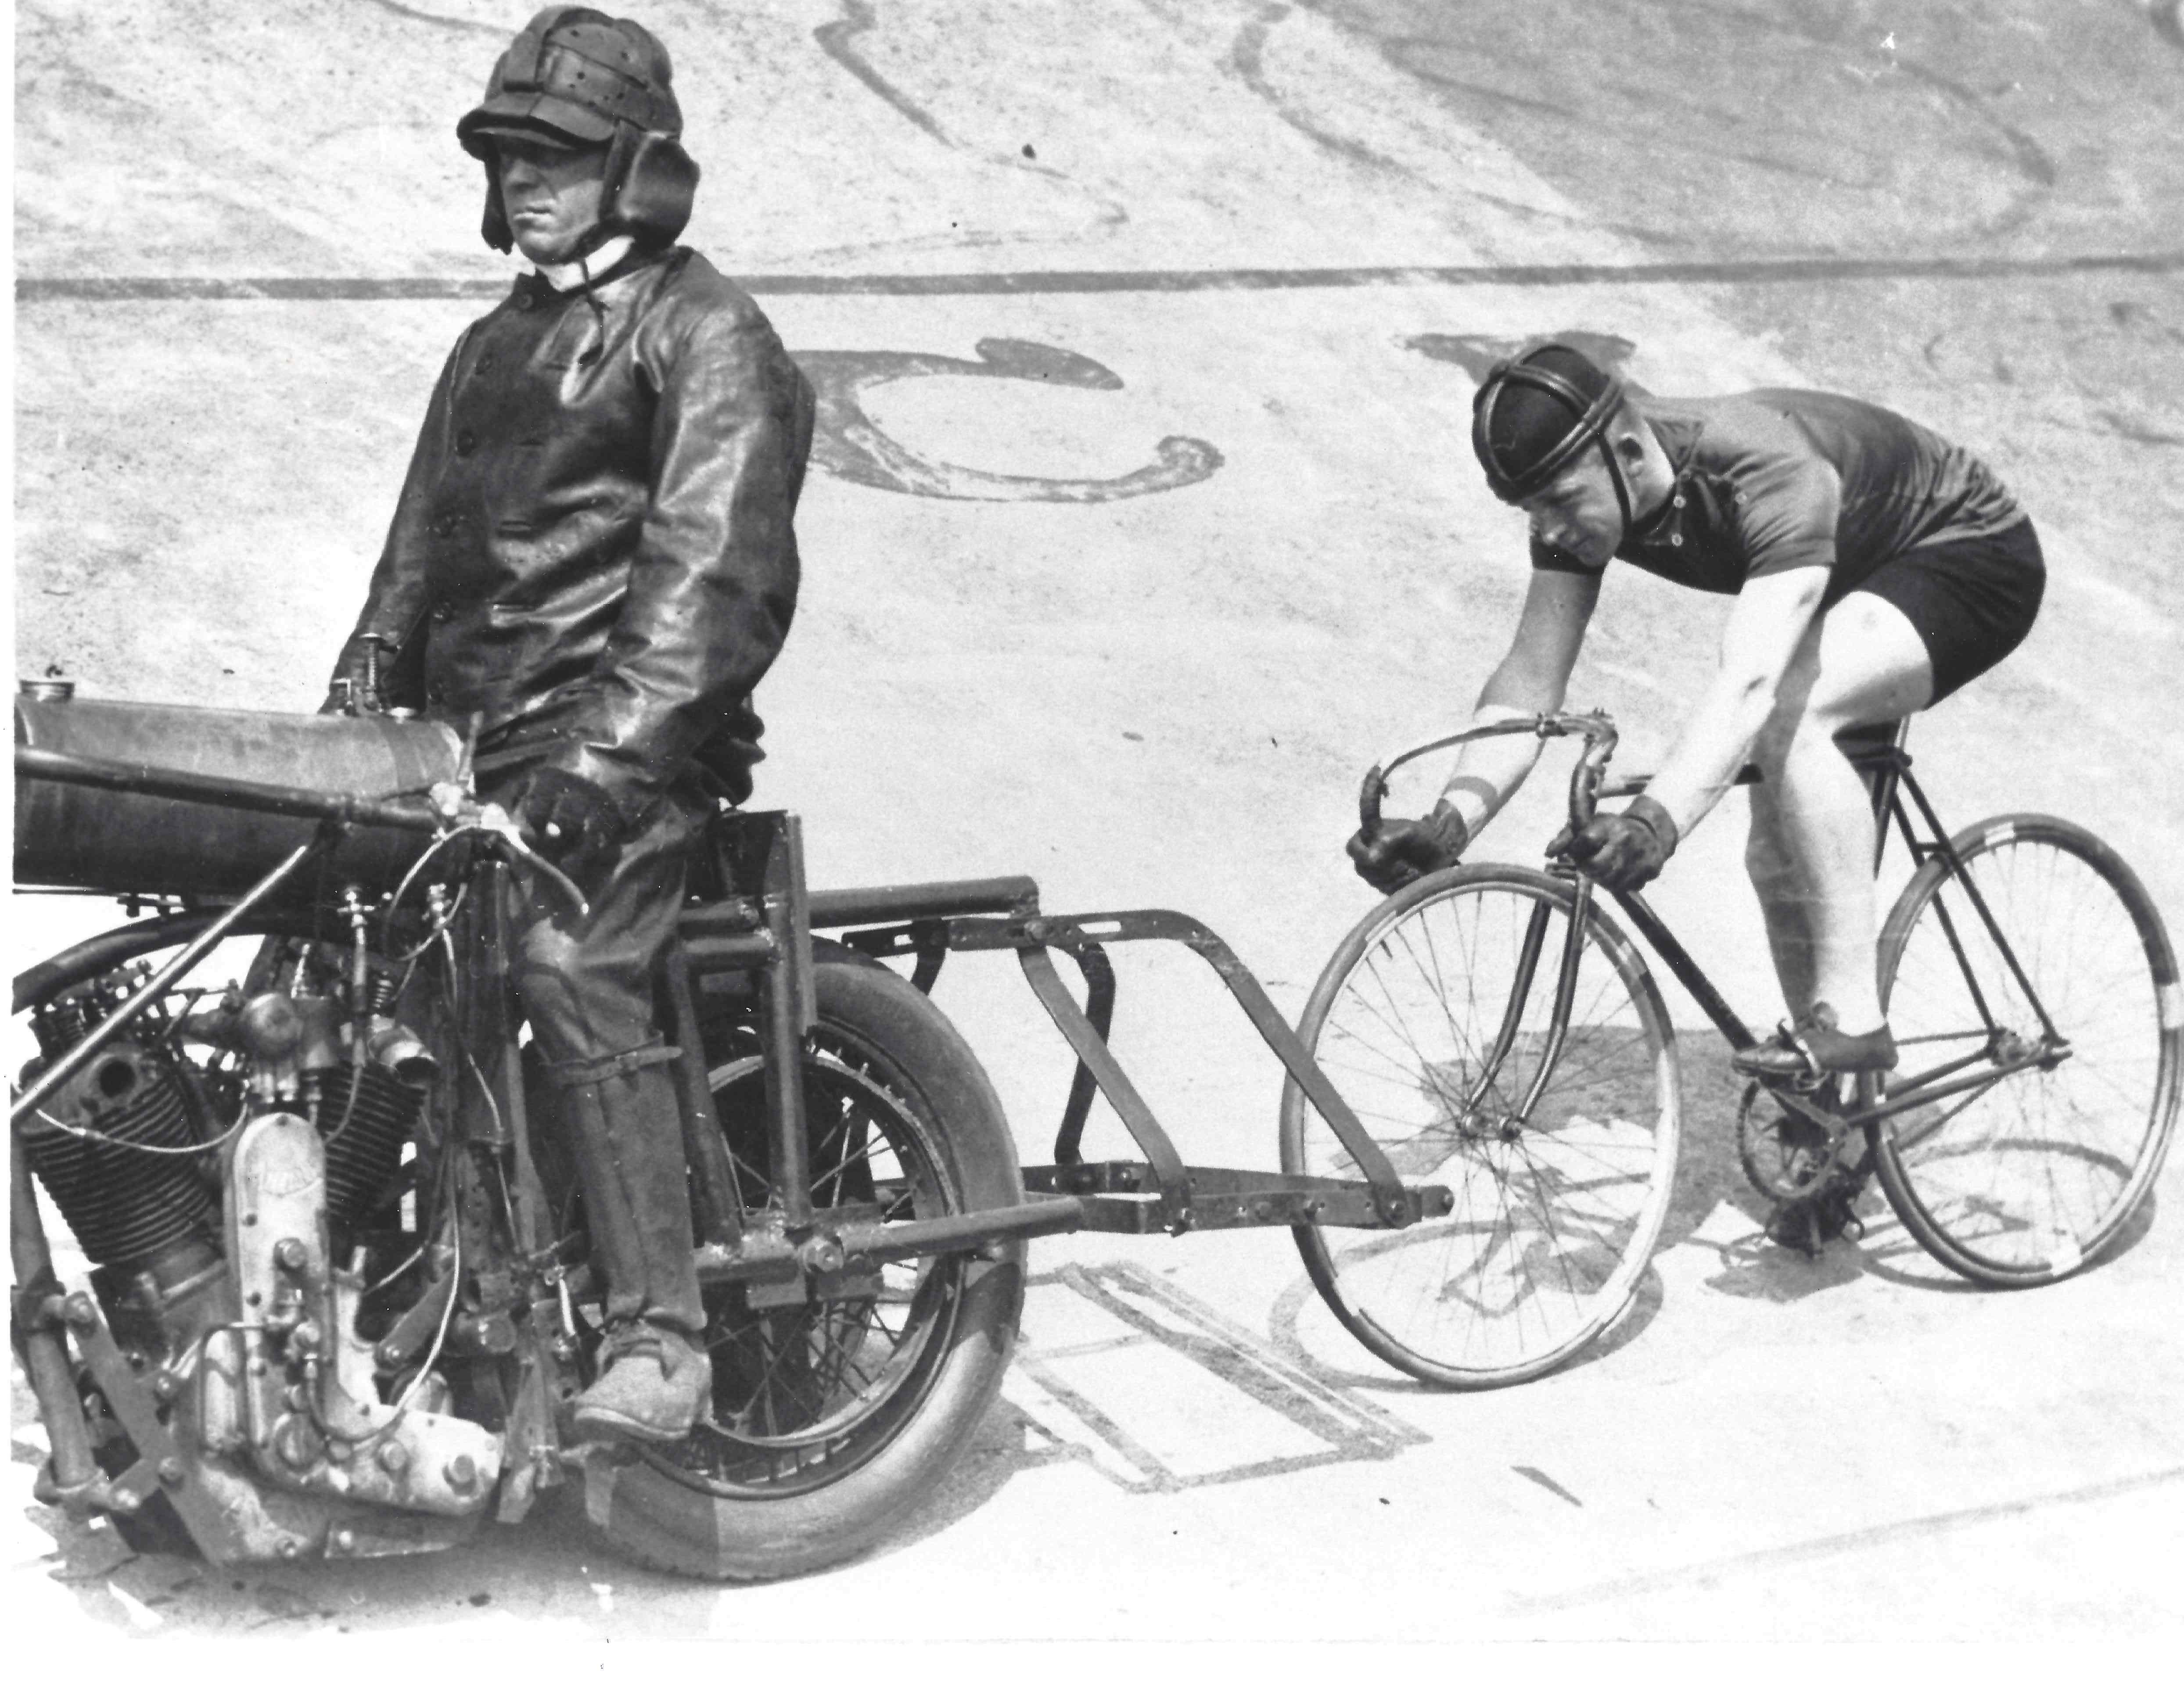 Elleve cykelryttere nomineret til Den største af de største sportsstjerner